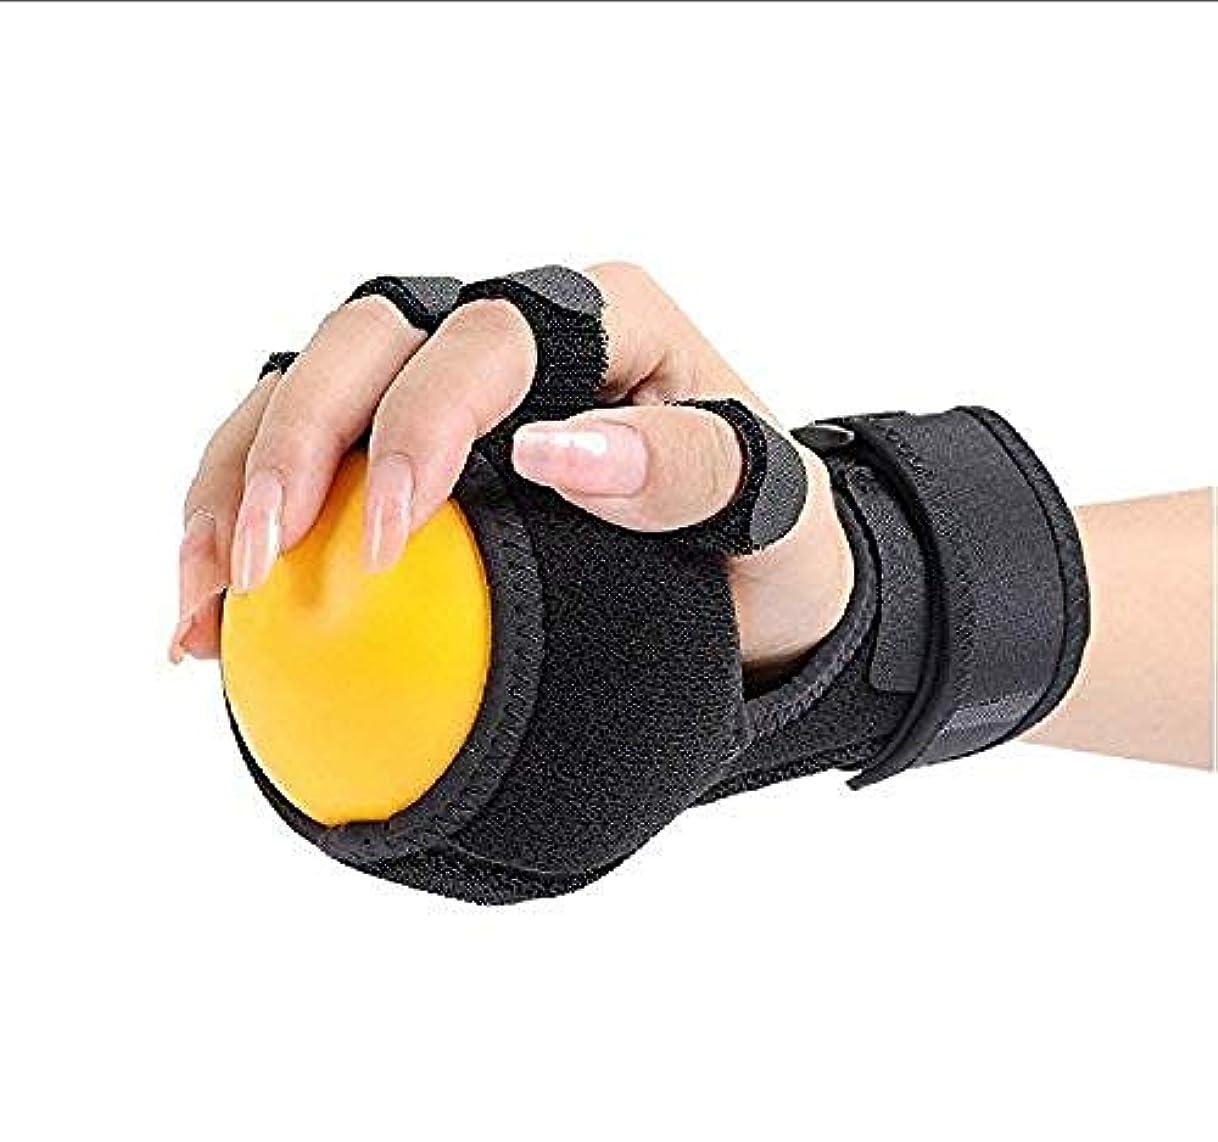 バナナ特別に関節炎ハンドボールリハビリテーションのためのトリガー指装具親指サポートのためのトリガー指副木